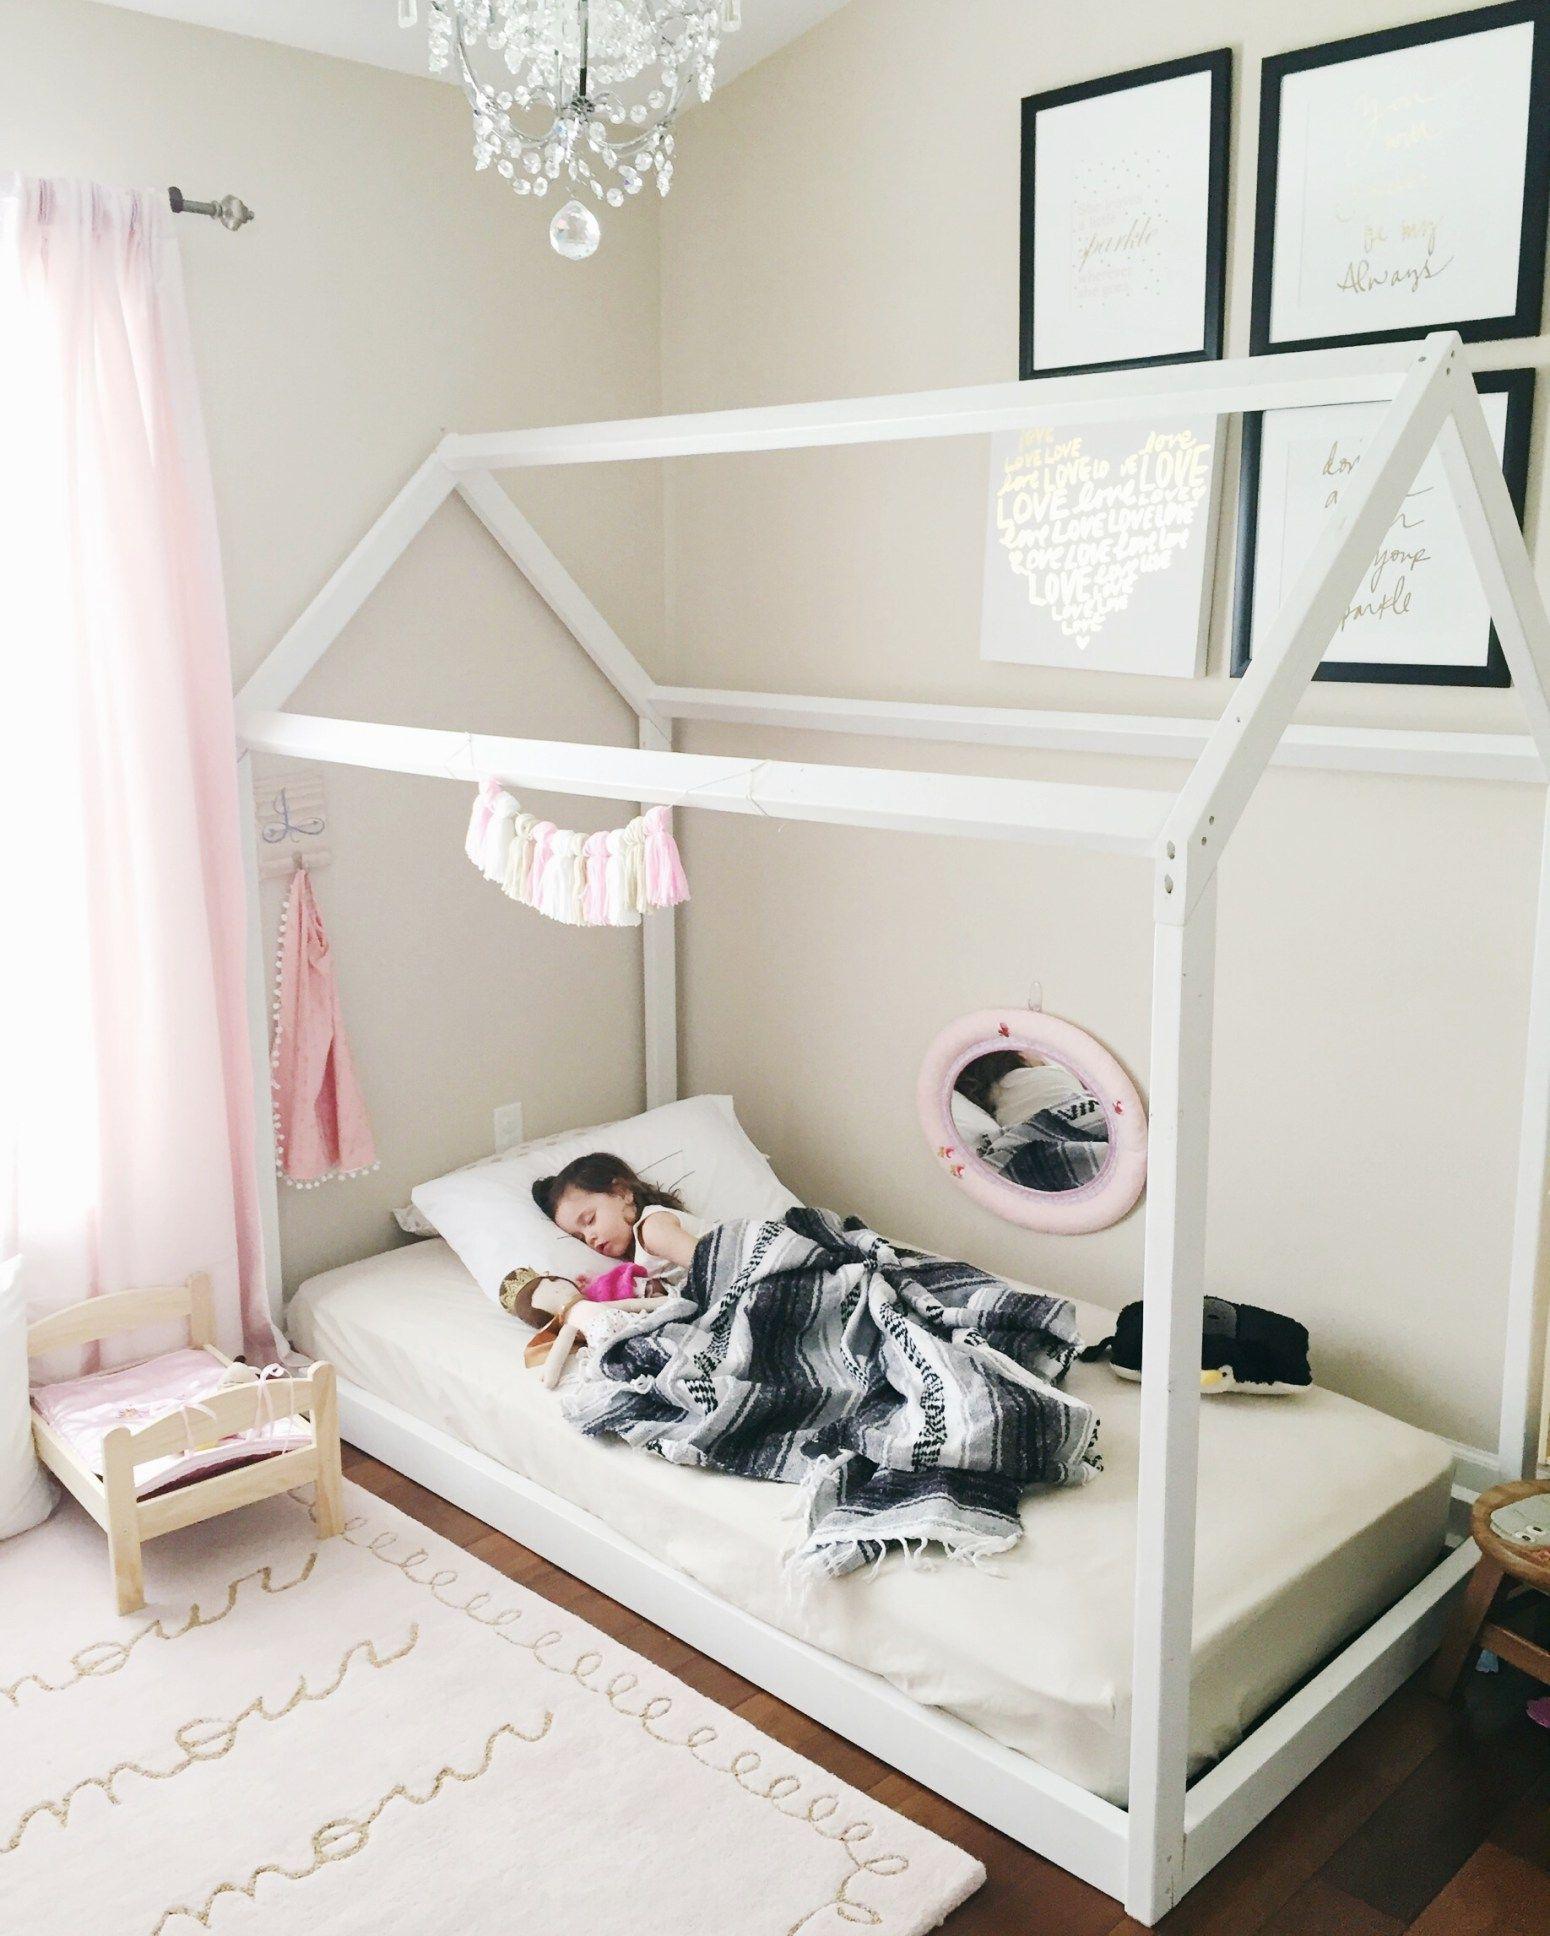 Diy house frame floor bed plan house frame bed diy